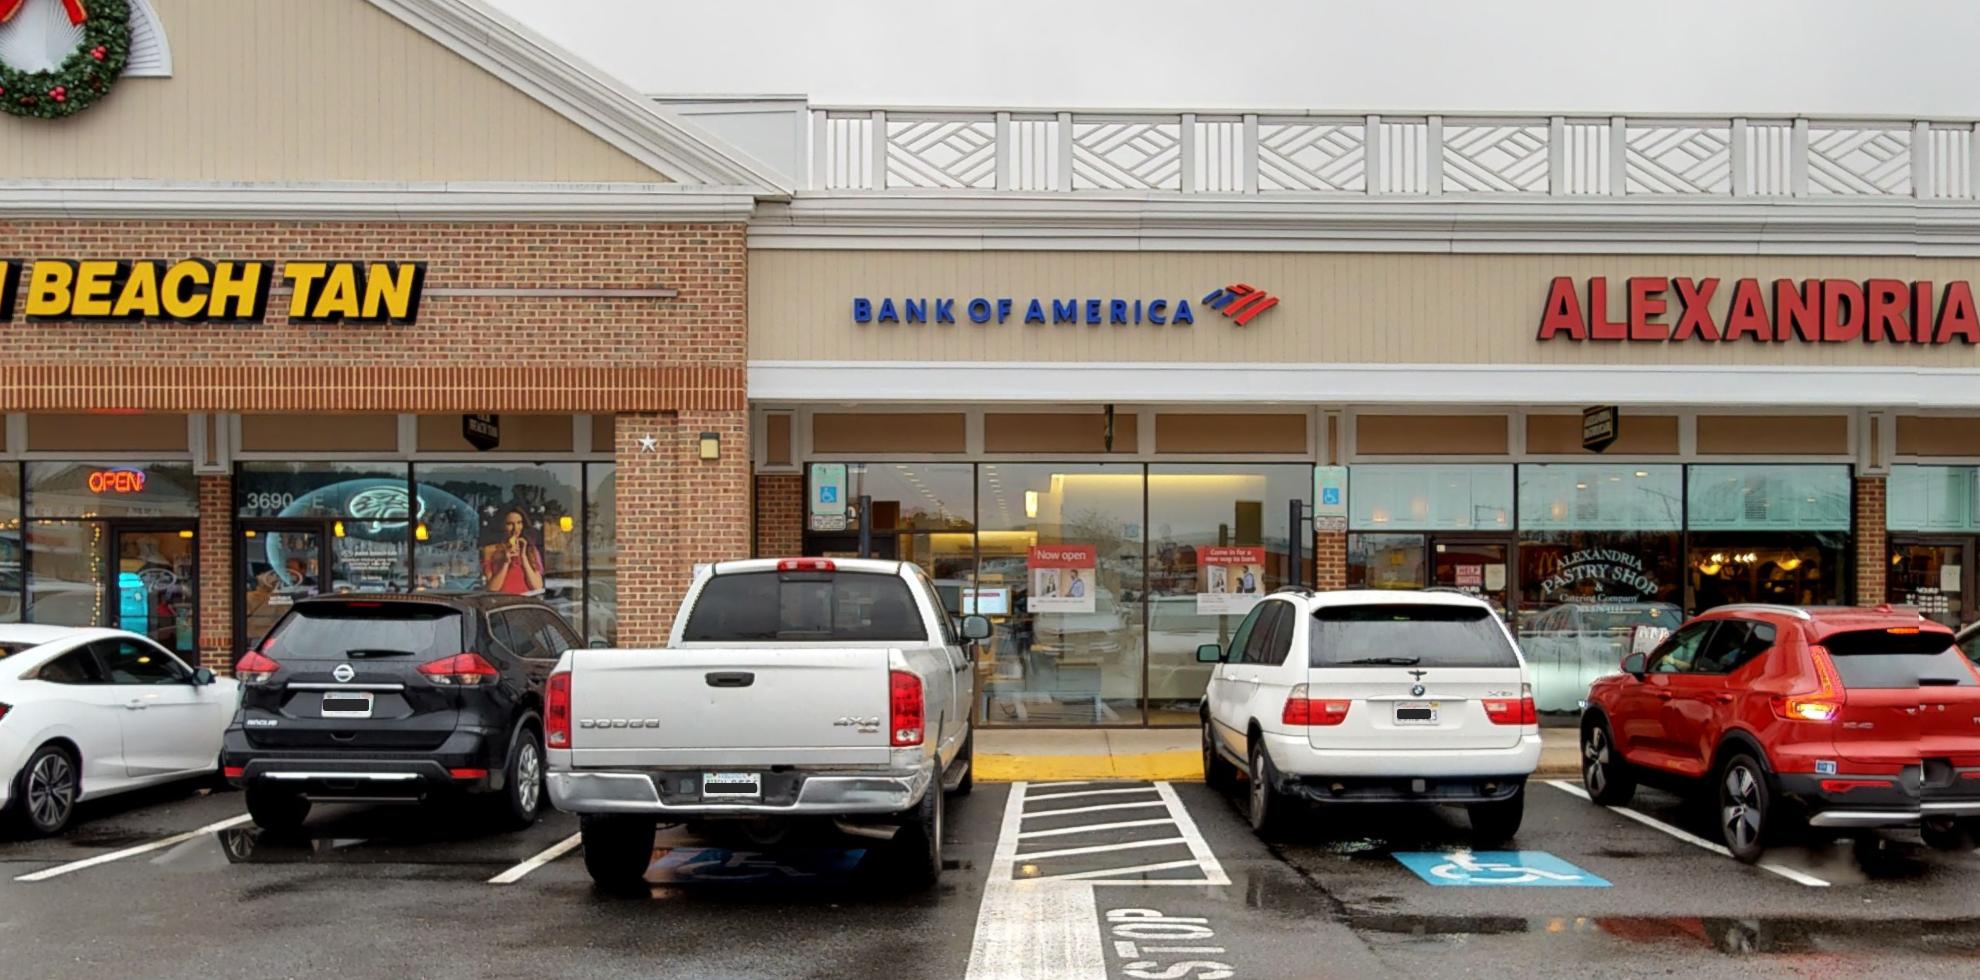 Bank of America financial center with drive-thru ATM   10075 E Via Linda, Scottsdale, AZ 85258